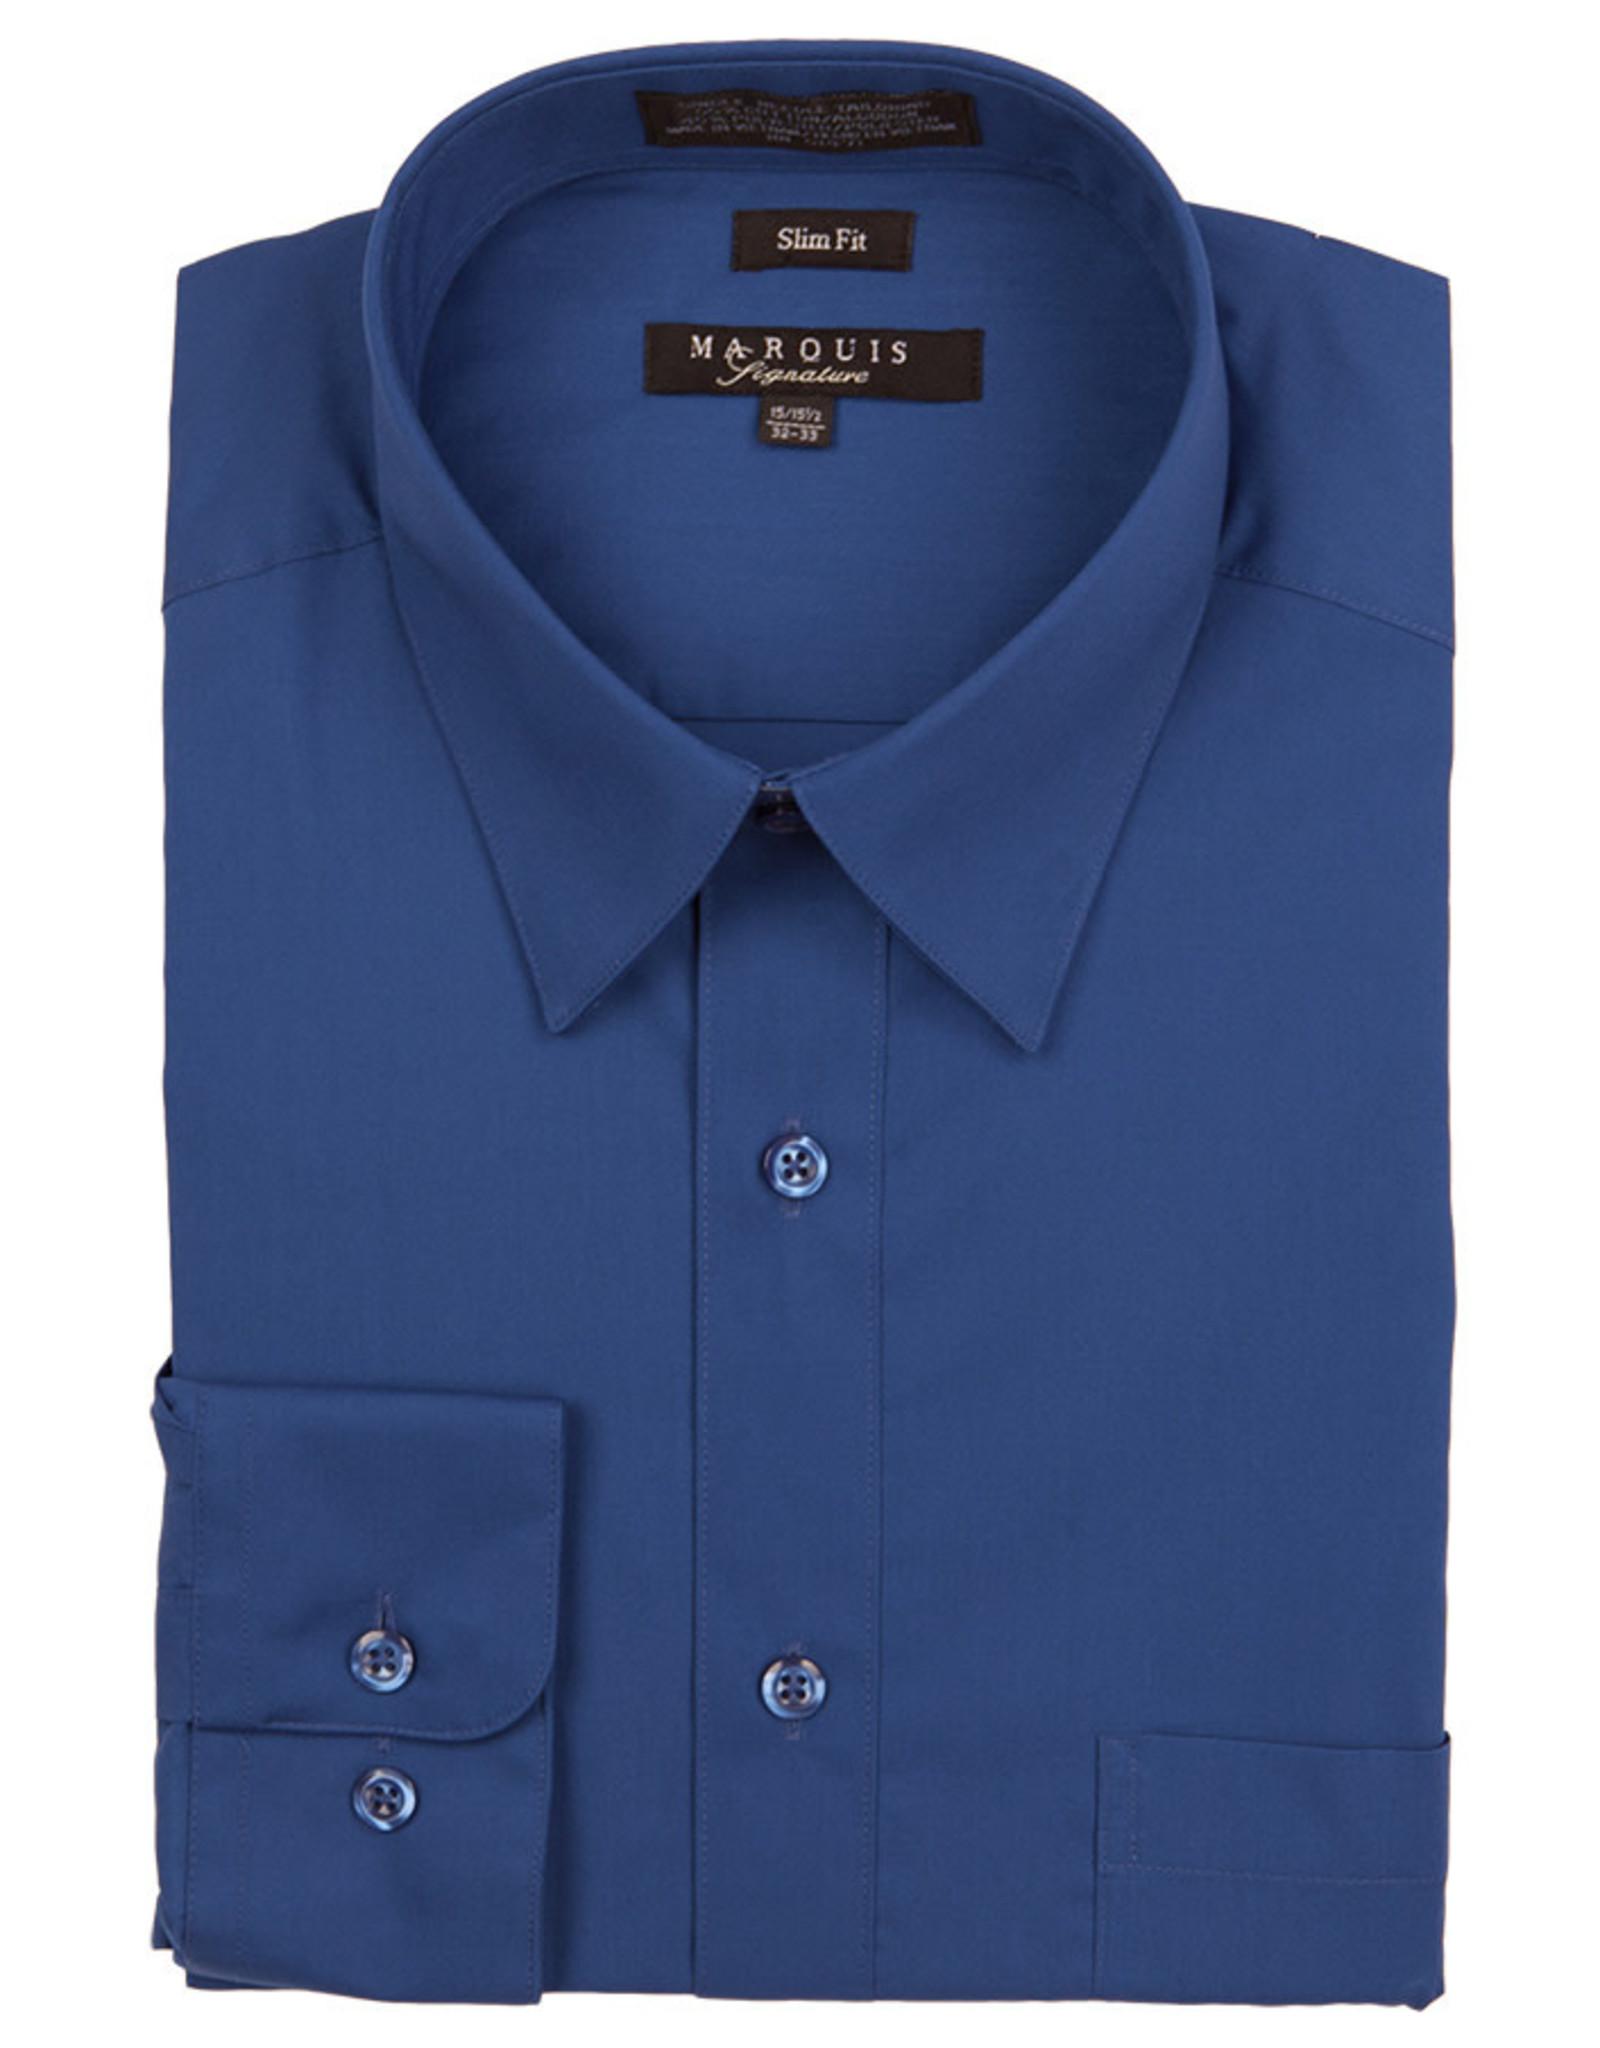 Marquis Dress Shirt MarQuis Slim Fit Royal Blue